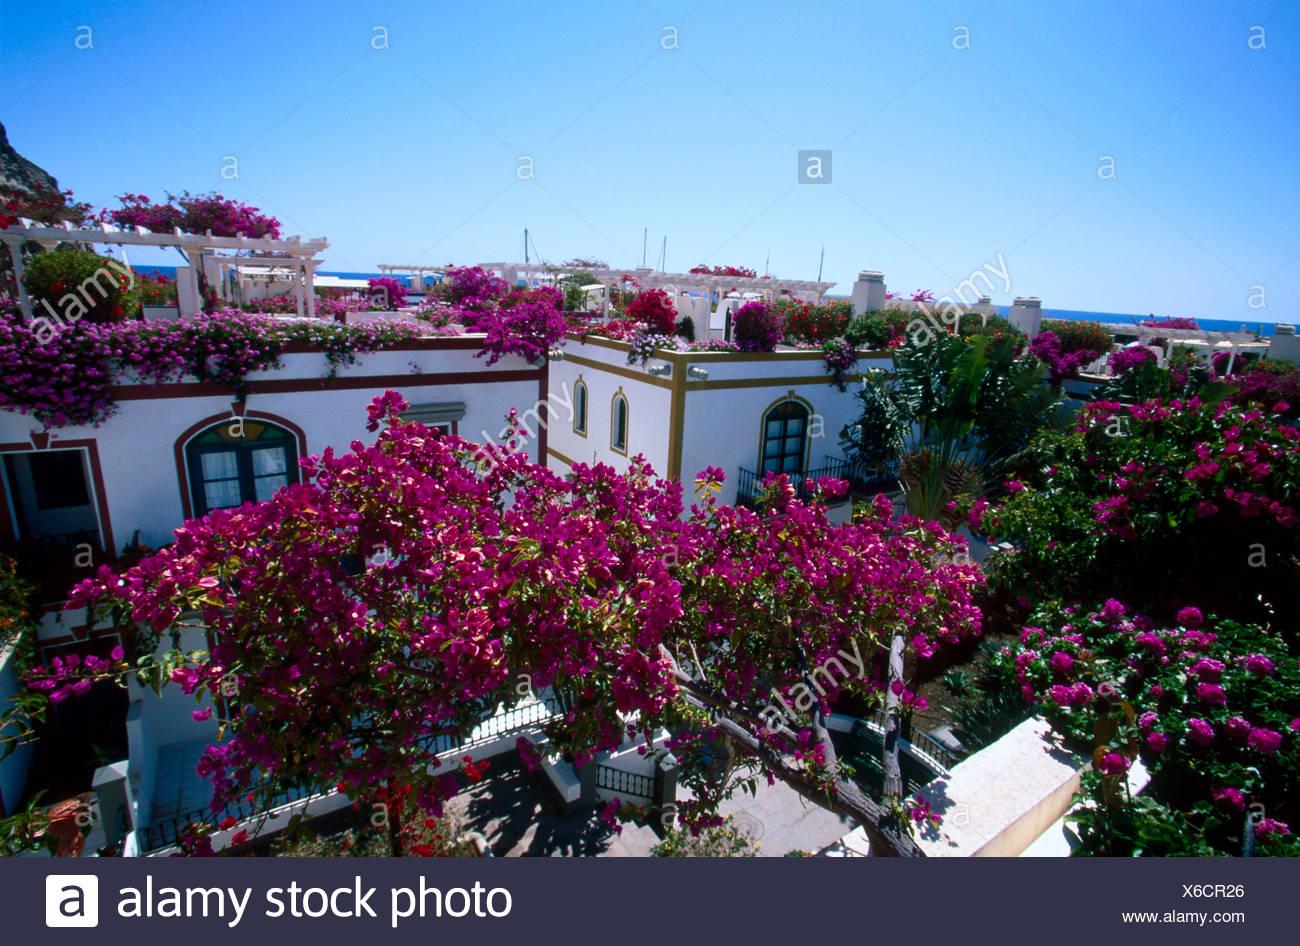 Erhöhte Ansicht des Hotel, Kanaren, Spanien, Europa Stockfoto